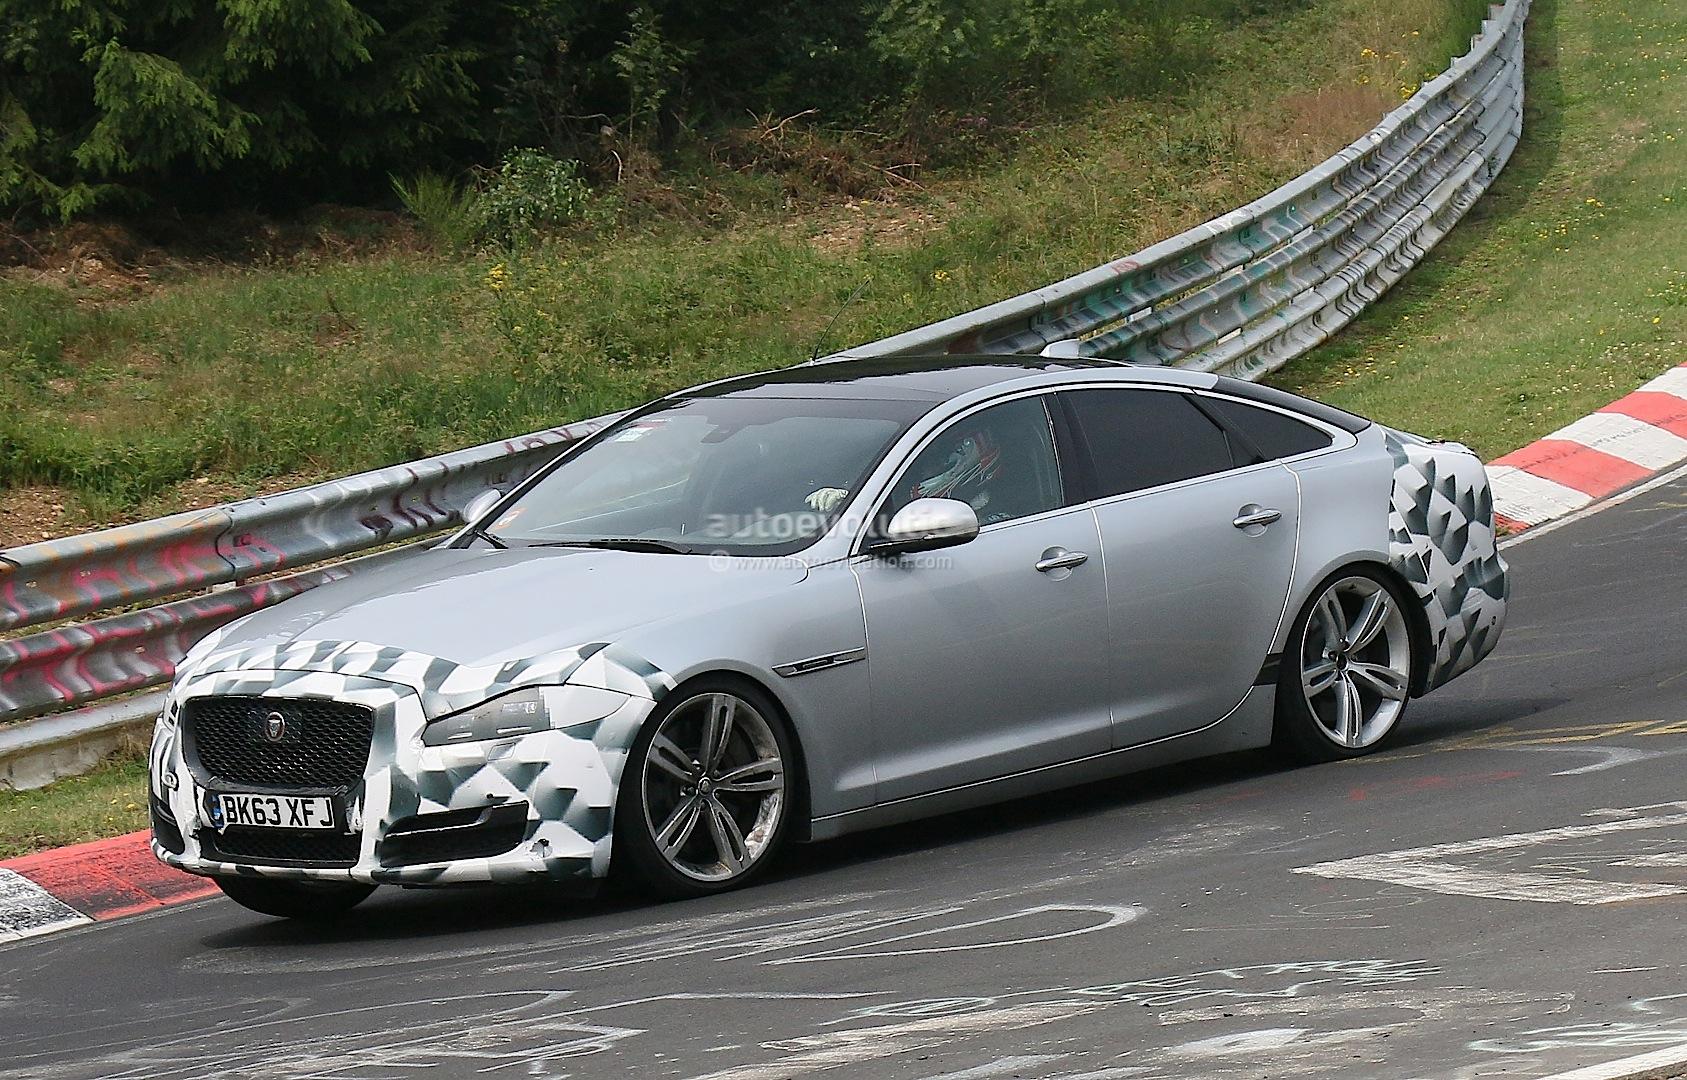 jaguar xj facelift tested on the nurburgring nordschleife autoevolution. Black Bedroom Furniture Sets. Home Design Ideas